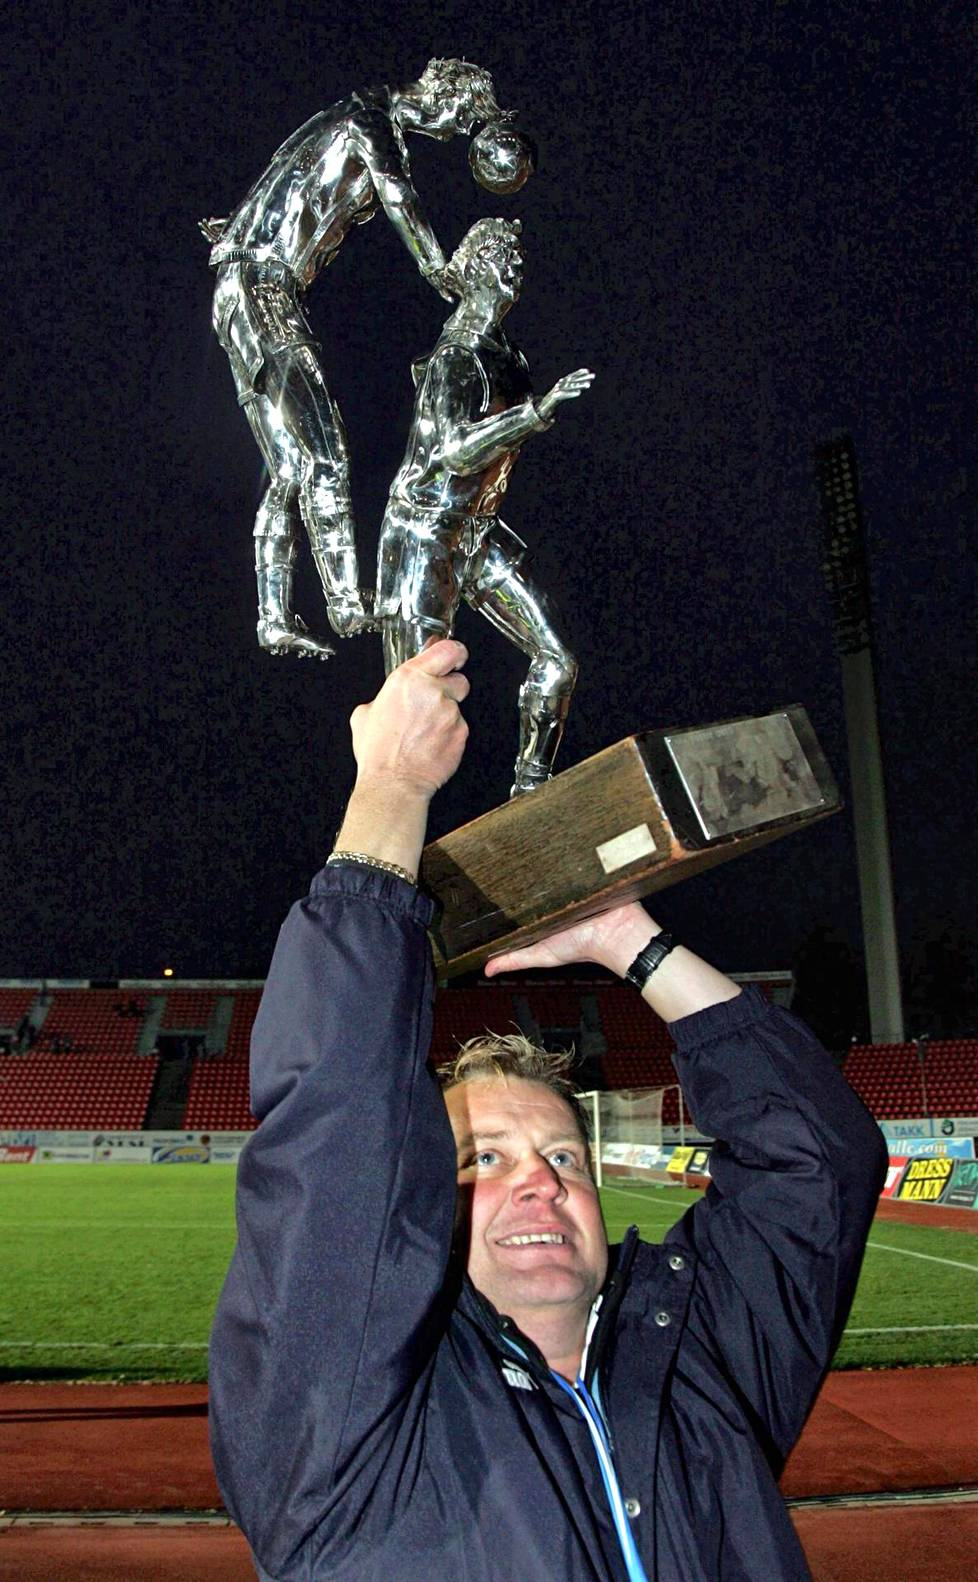 Valmentaja Hjelm pääsi kannattelemaan mestaruuspalkintoa heti perään 2007.